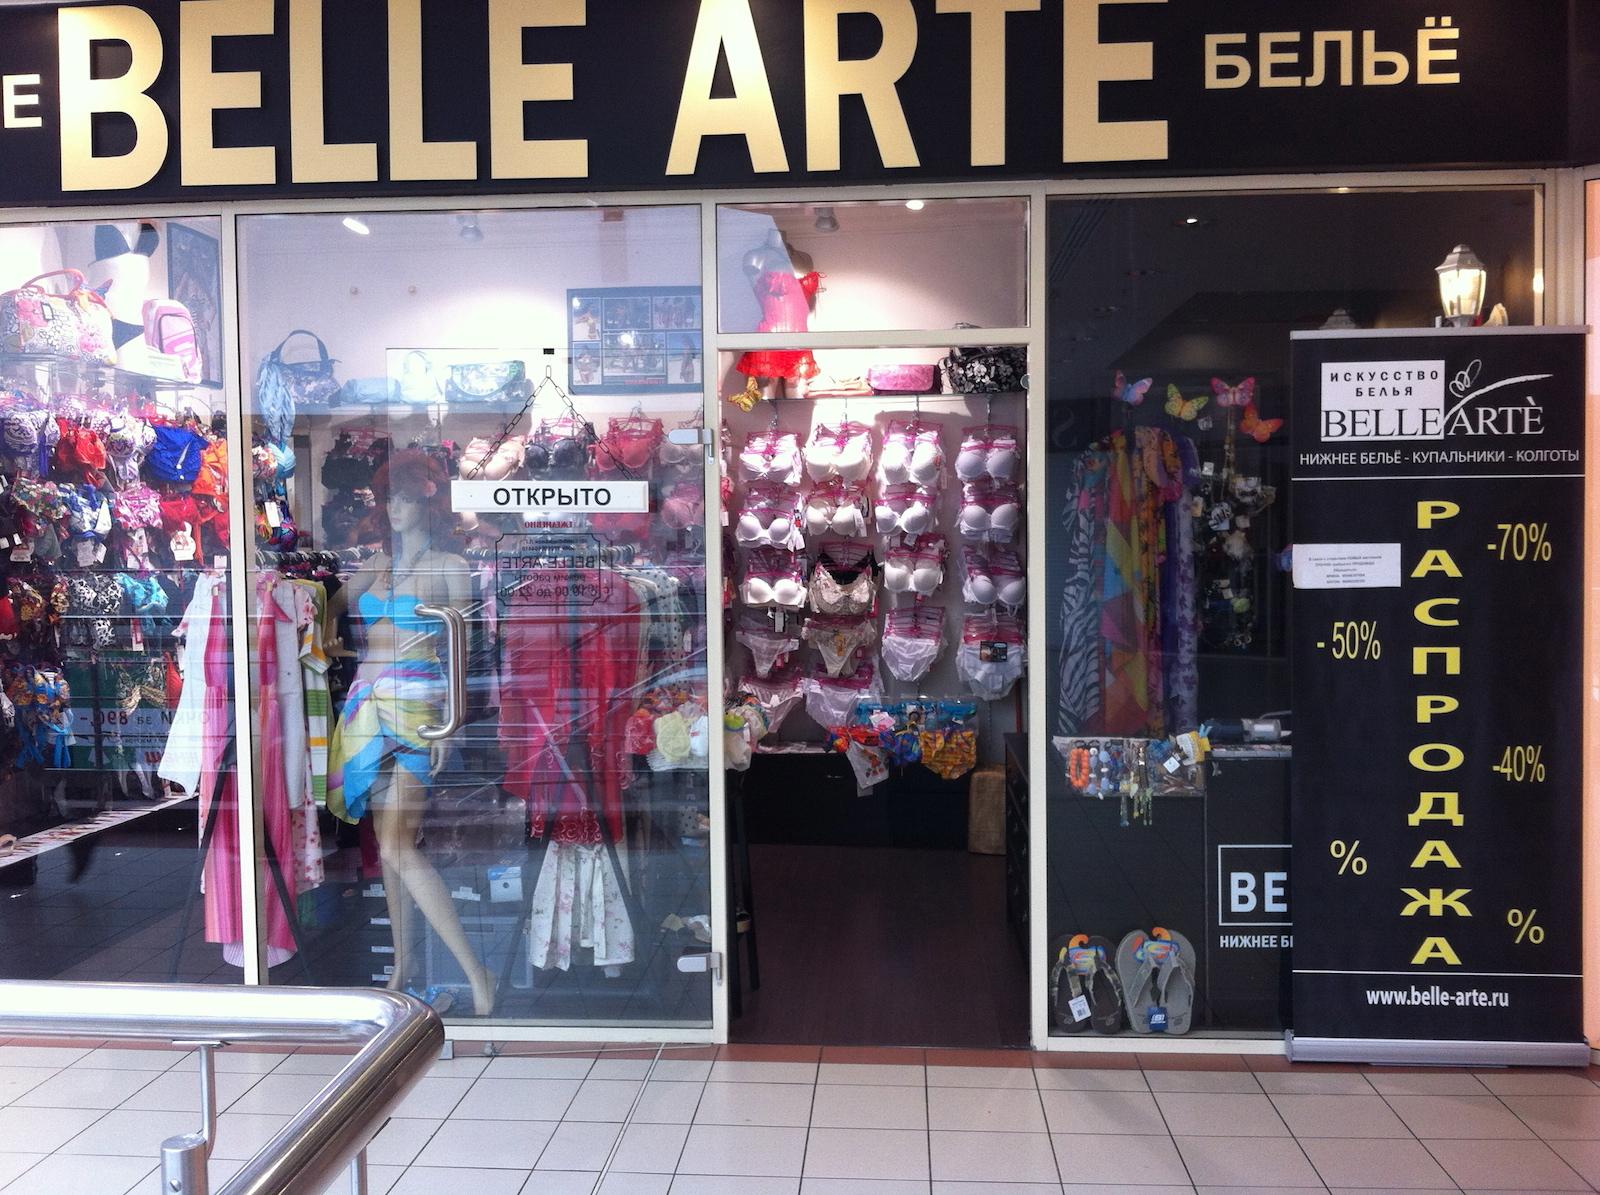 Бизнес магазин нижнего белья 6 фотография